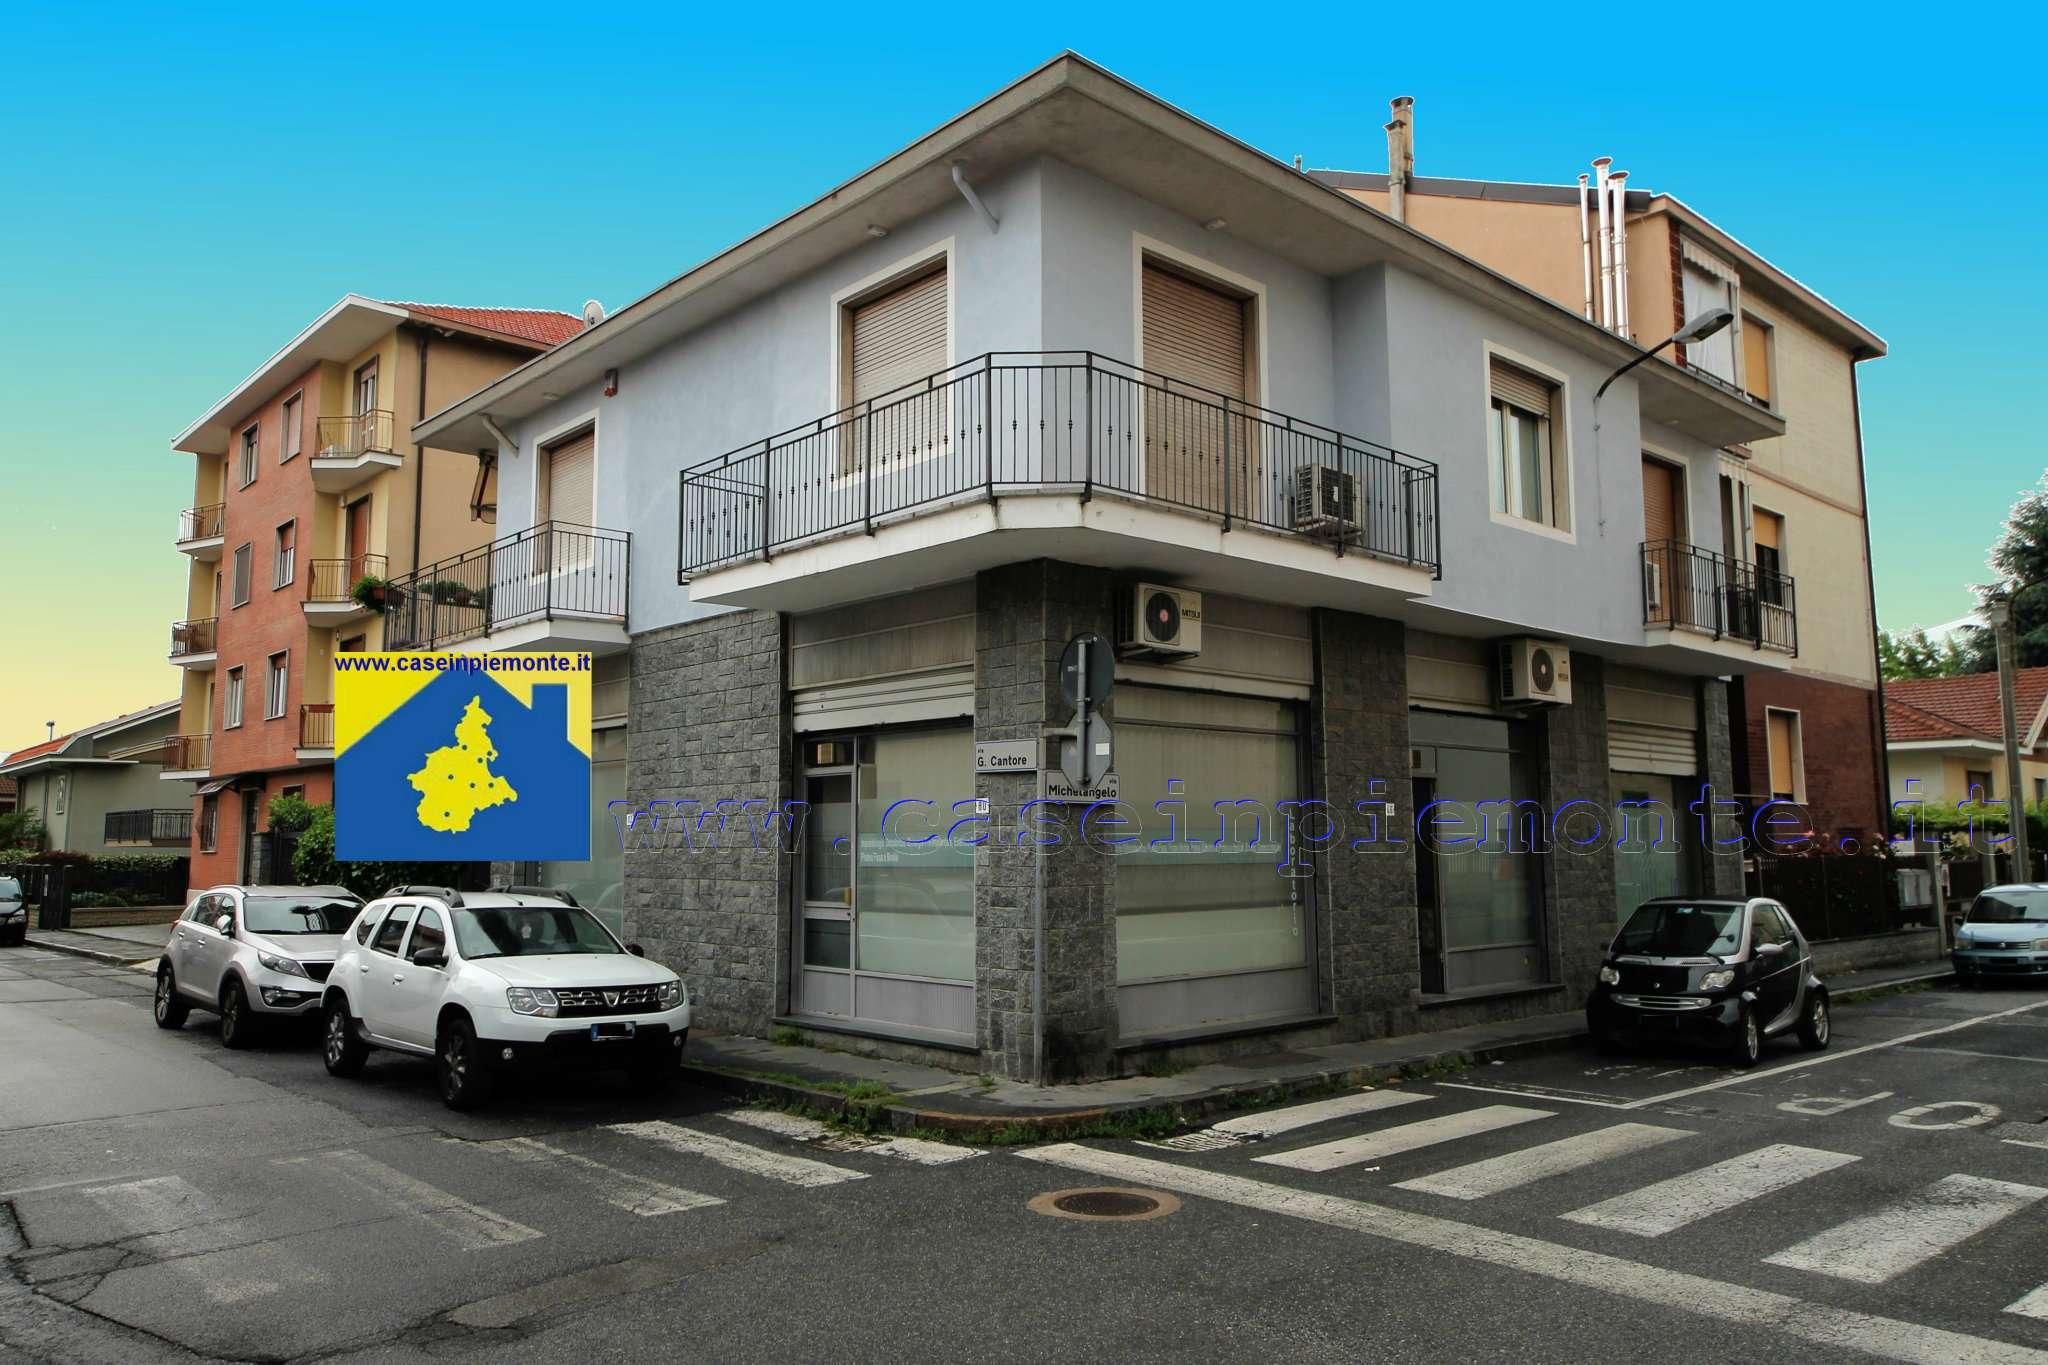 Ufficio / Studio in vendita a Grugliasco, 5 locali, prezzo € 240.000 | PortaleAgenzieImmobiliari.it